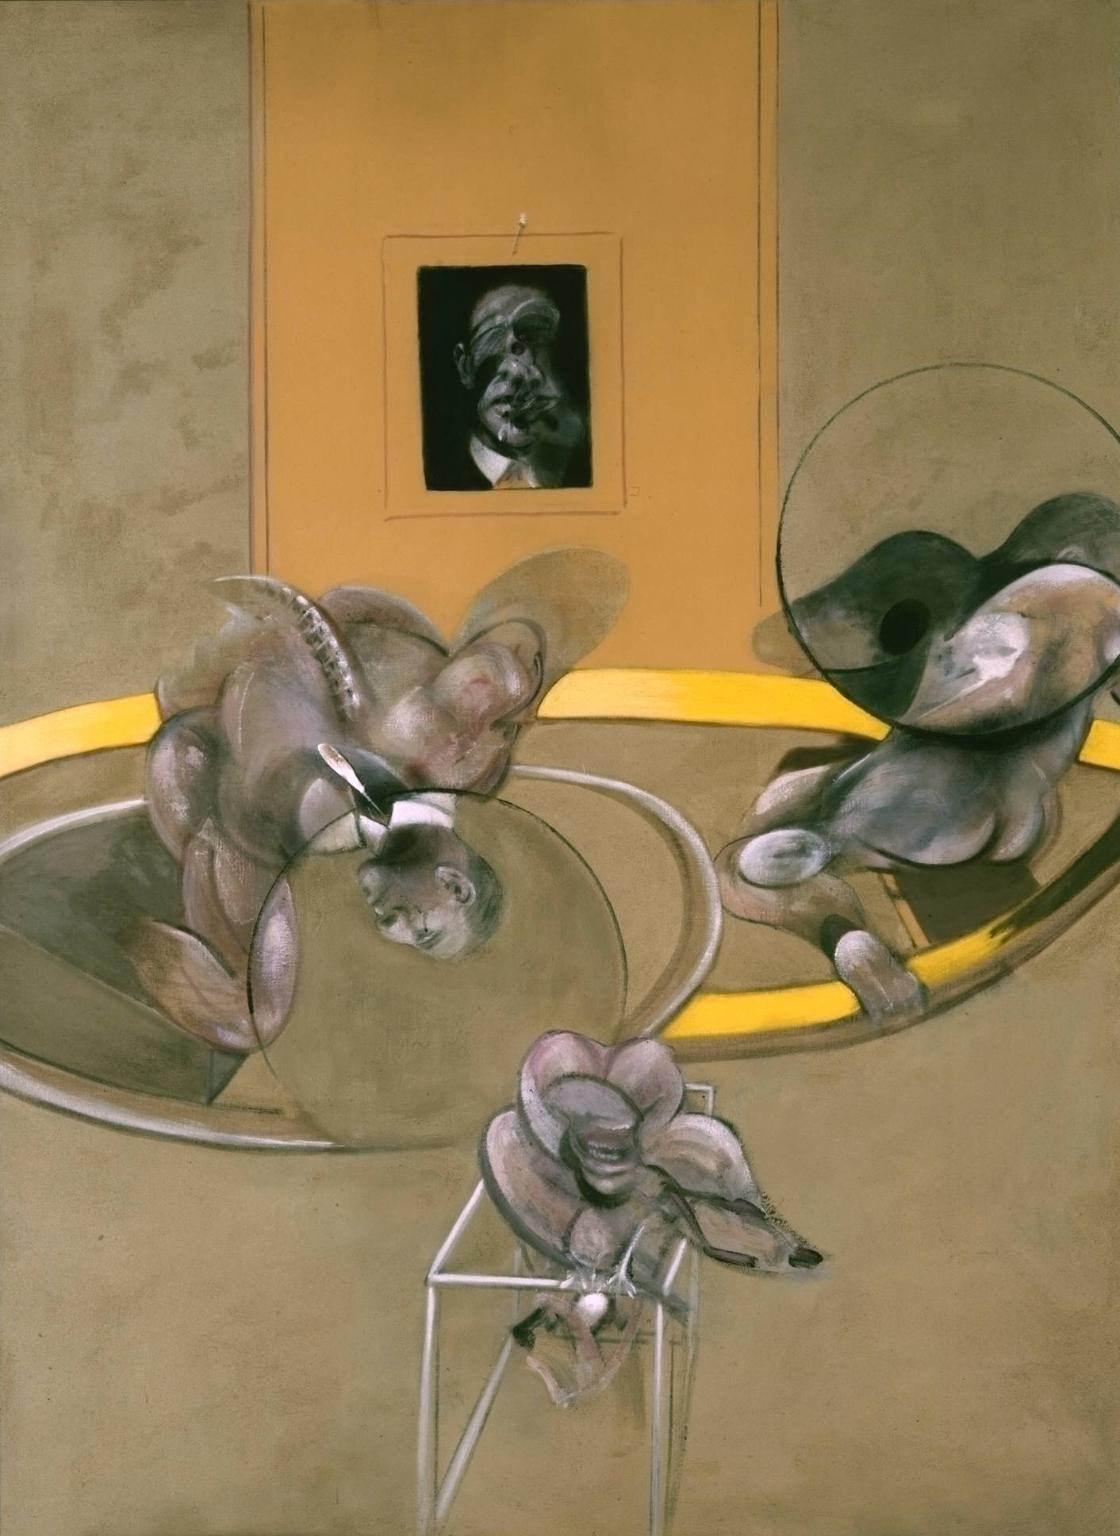 Фрэнсис Бэкон. Три фигруы и портрет, 1975. Масло, Пастель, Холст. Тейт Модерн